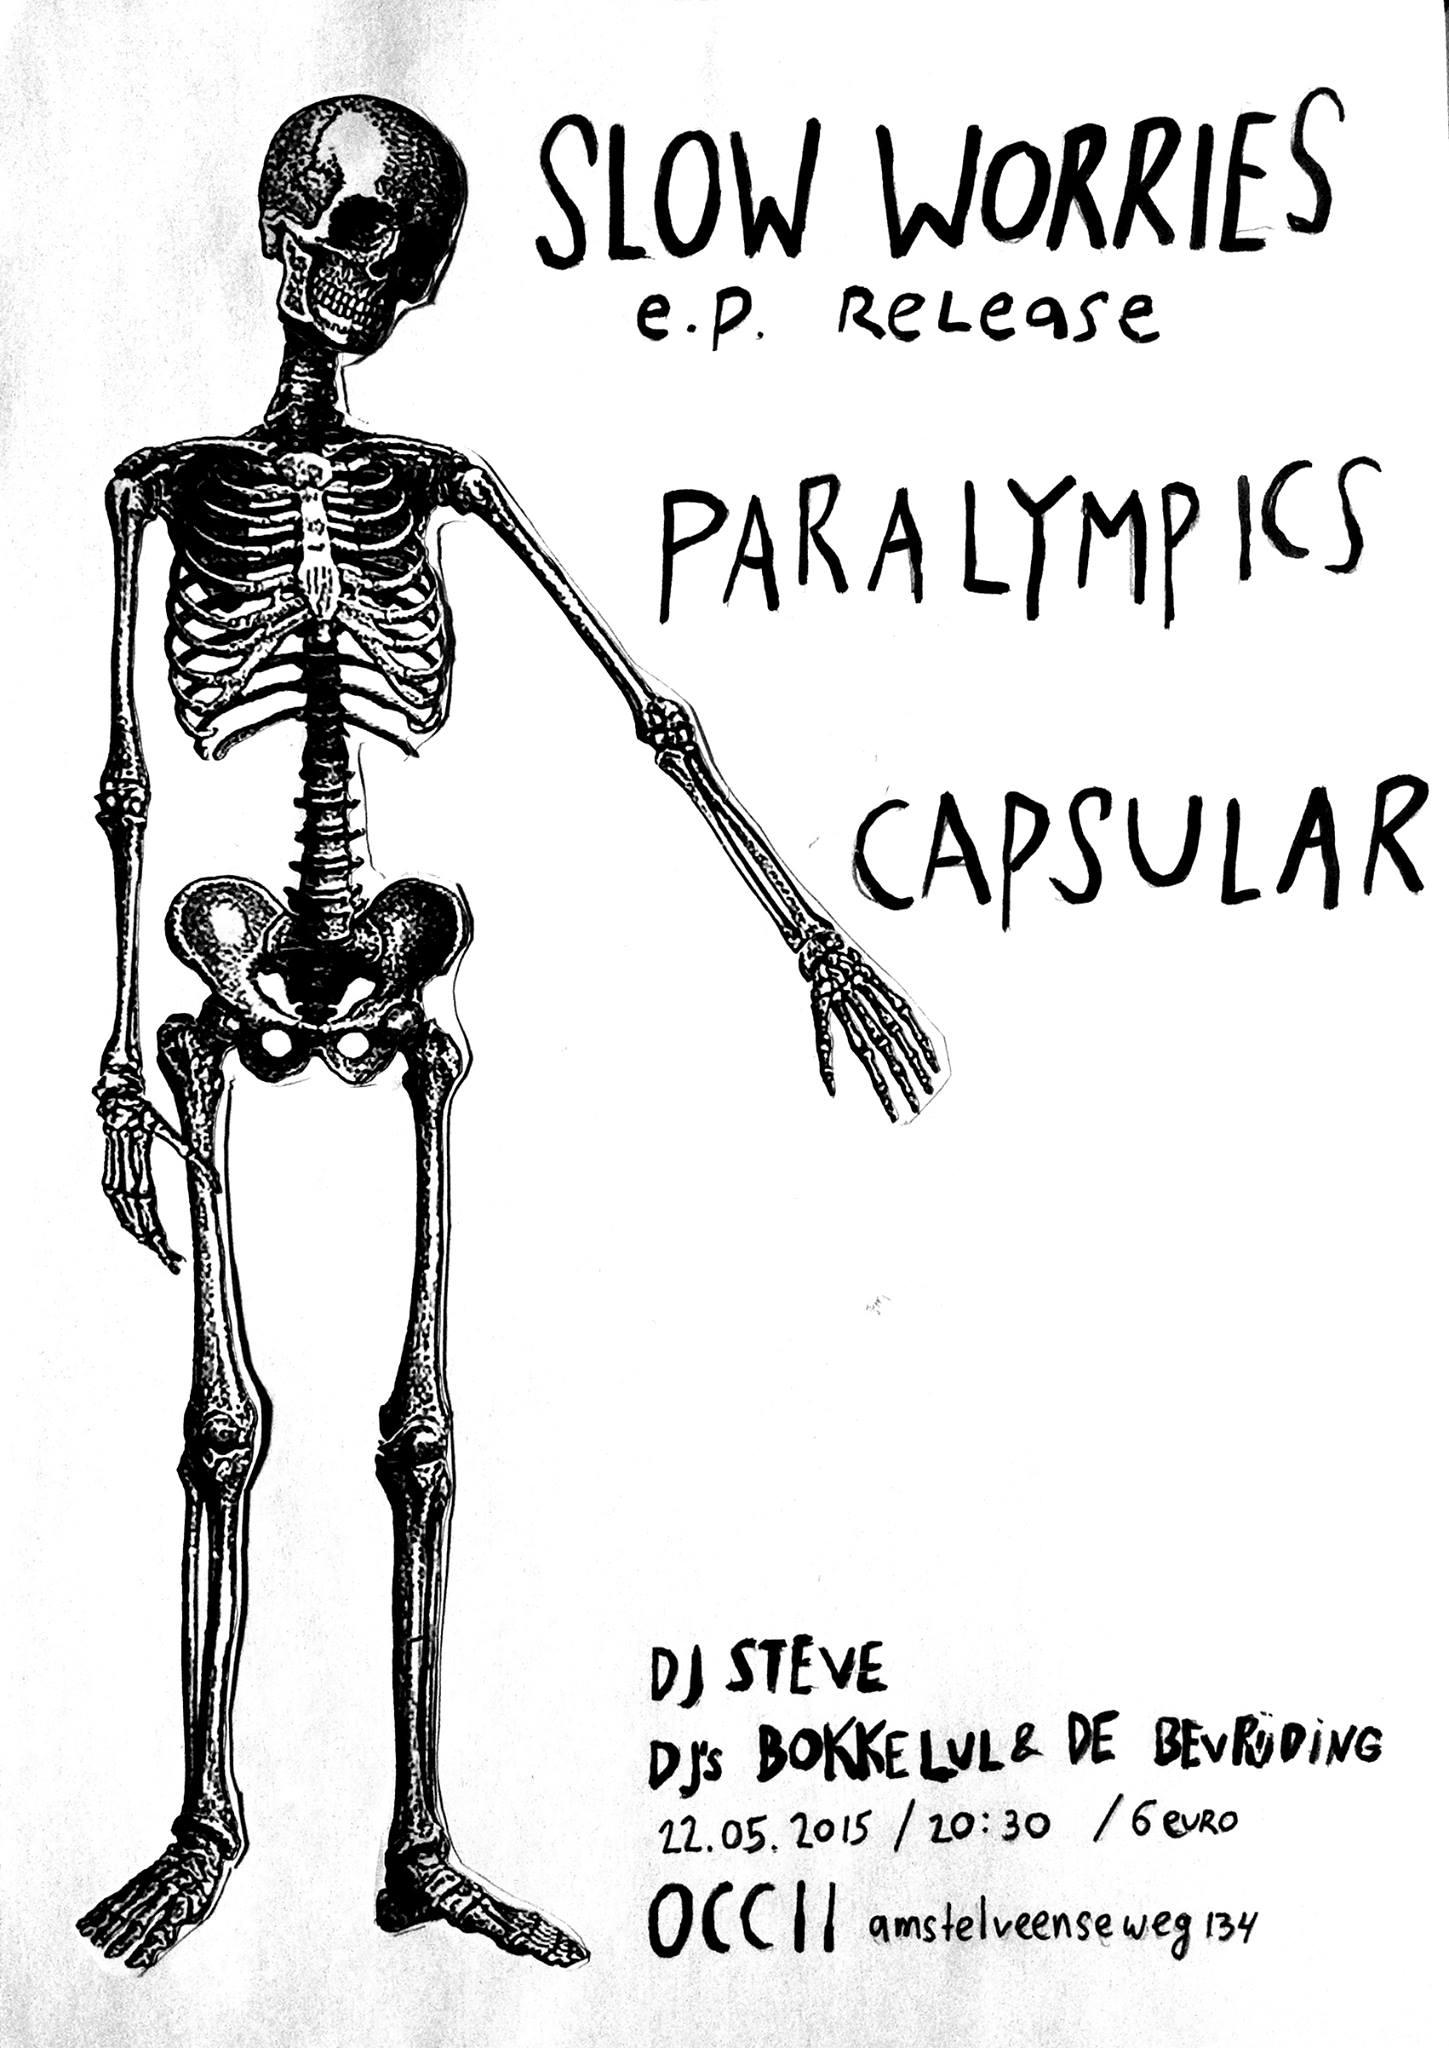 SLOW WORRIES (EP Release!) + PARALYMPICS + CAPSULAR + DJ Steve + DJ's Bokkelul & De Bevrijding